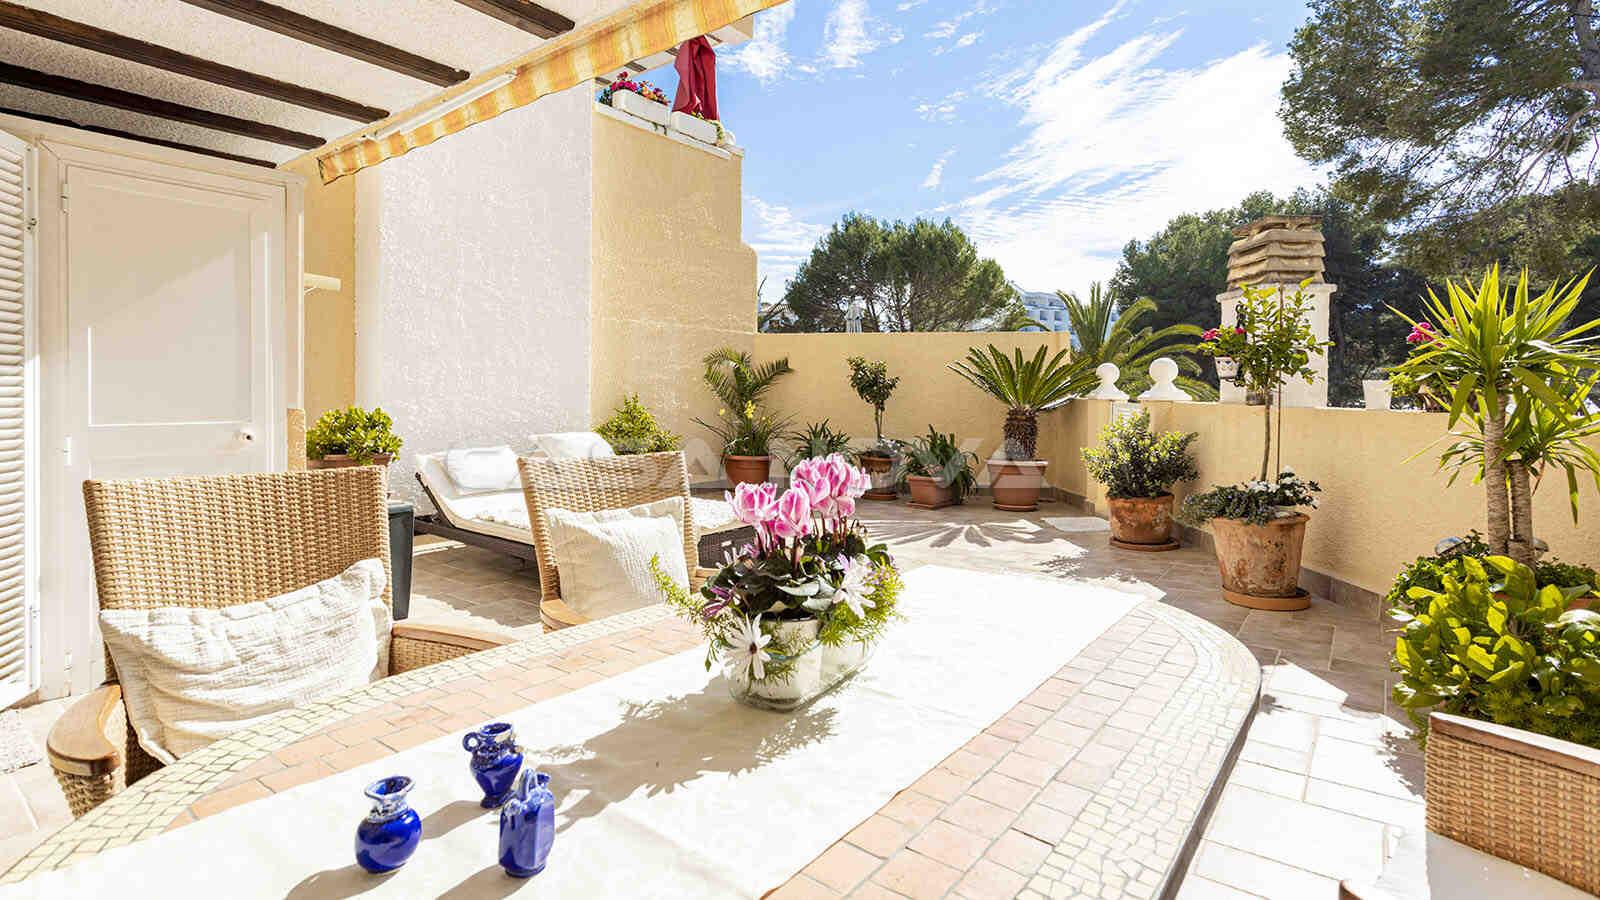 Wunderschöne Terrasse mit mediterranem Flair